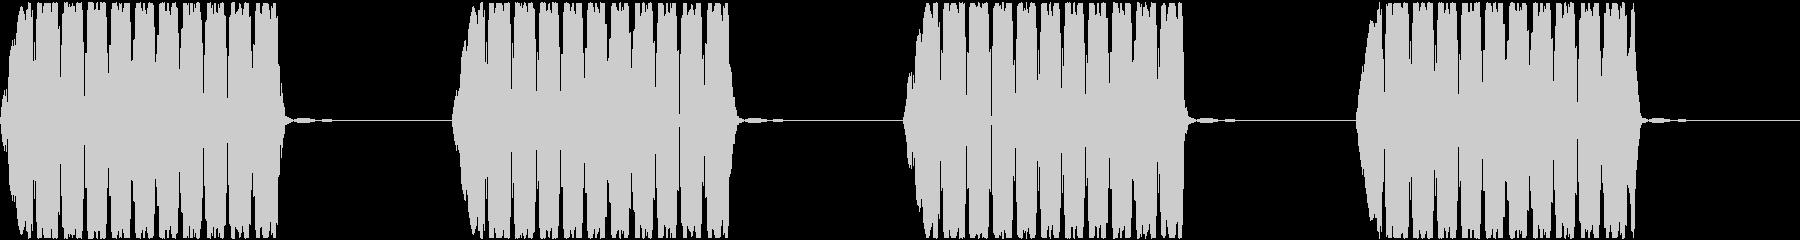 警報アラーム音(中bpm58)ドライ音の未再生の波形